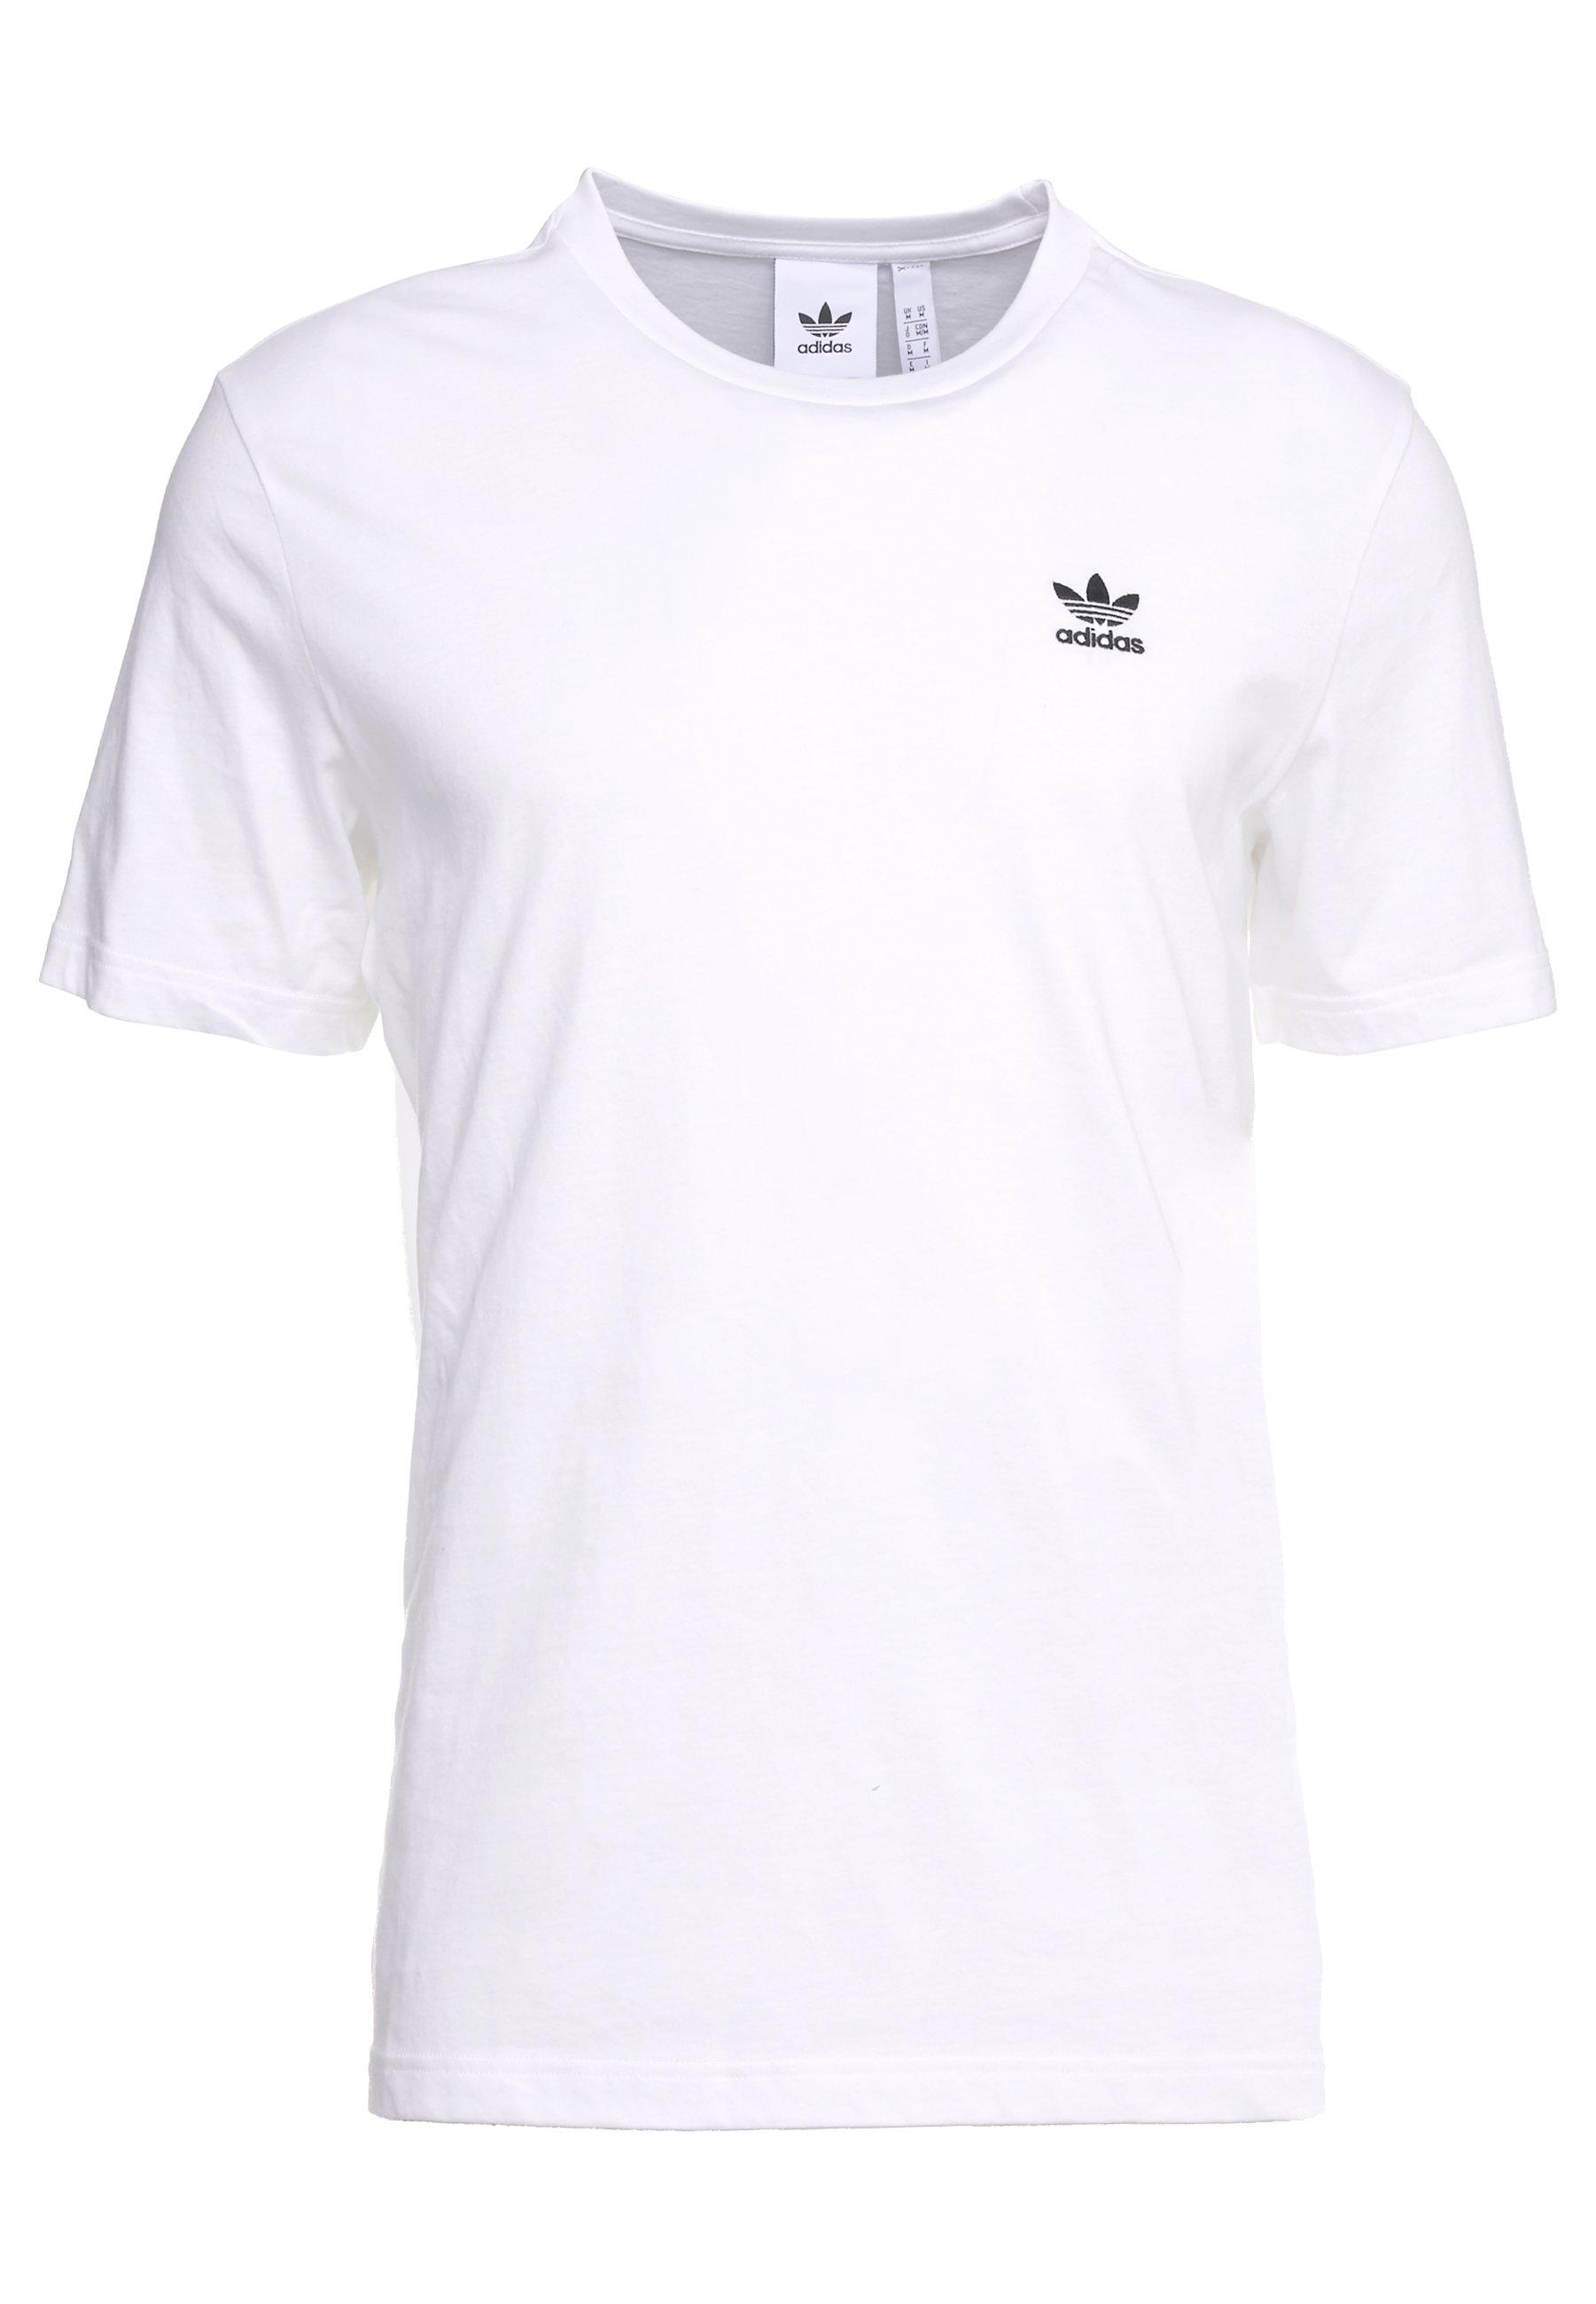 adidas Originals ESSENTIAL TEE T shirt basique white